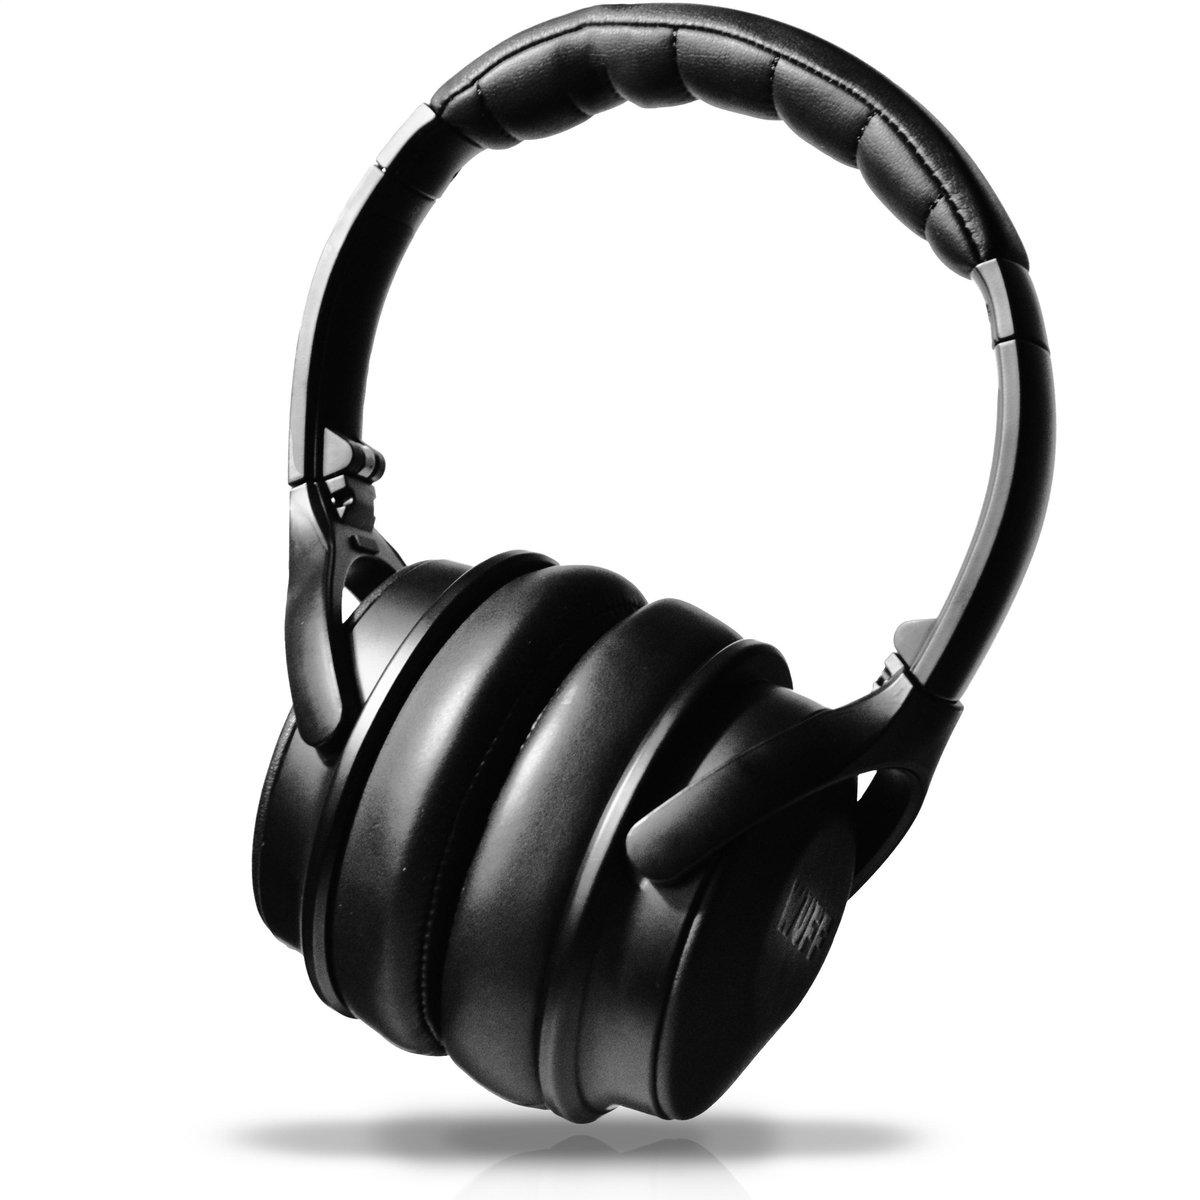 Wuff Draadloze Over-ear Koptelefoon Met Ingebouwde Microfoon – Koptelefoon Bluetooth – Noise Canceling – Headphone – Zwart